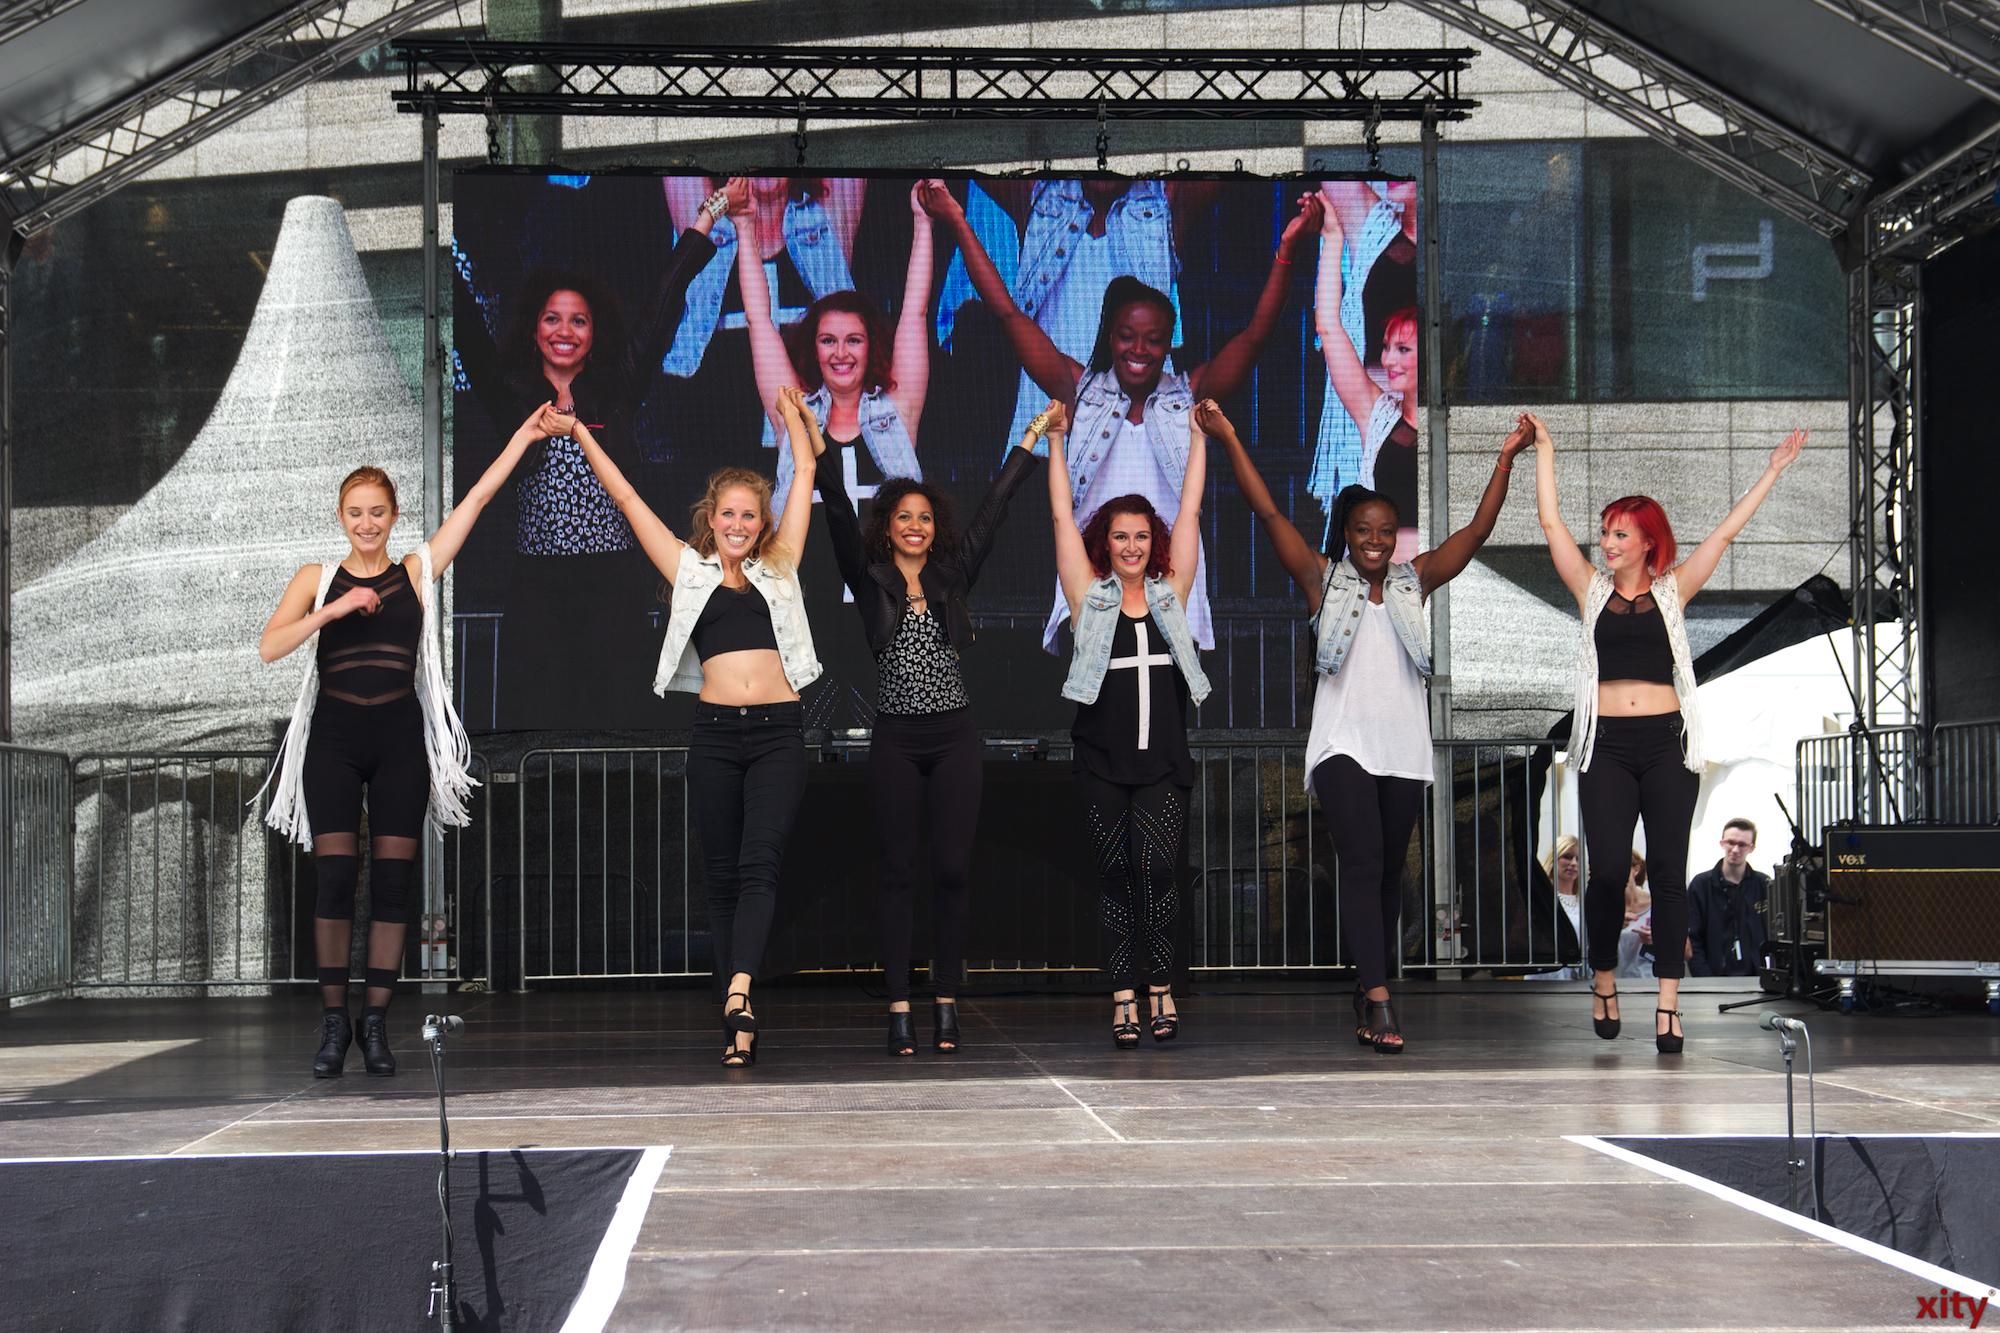 Neben den Modenschauen sorgte eine Tanzgruppe für eine gute Unterhaltung. (Foto: xity)